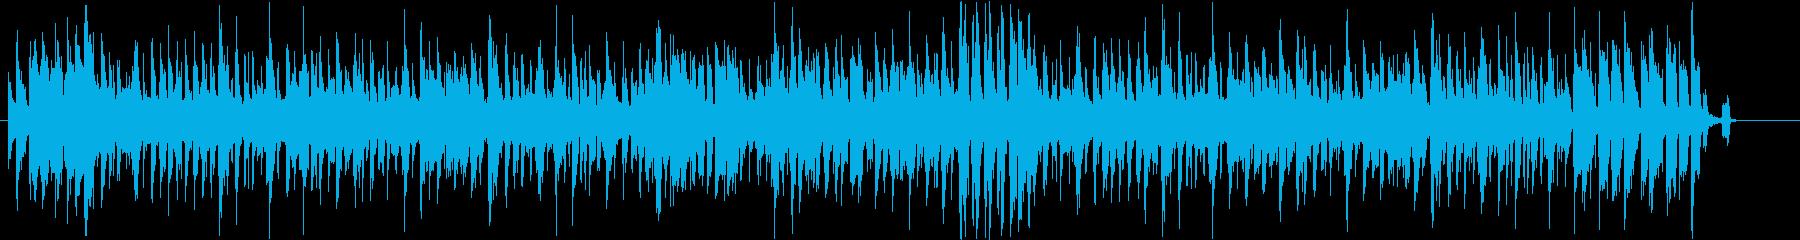 からあげをテーマにした楽曲の再生済みの波形